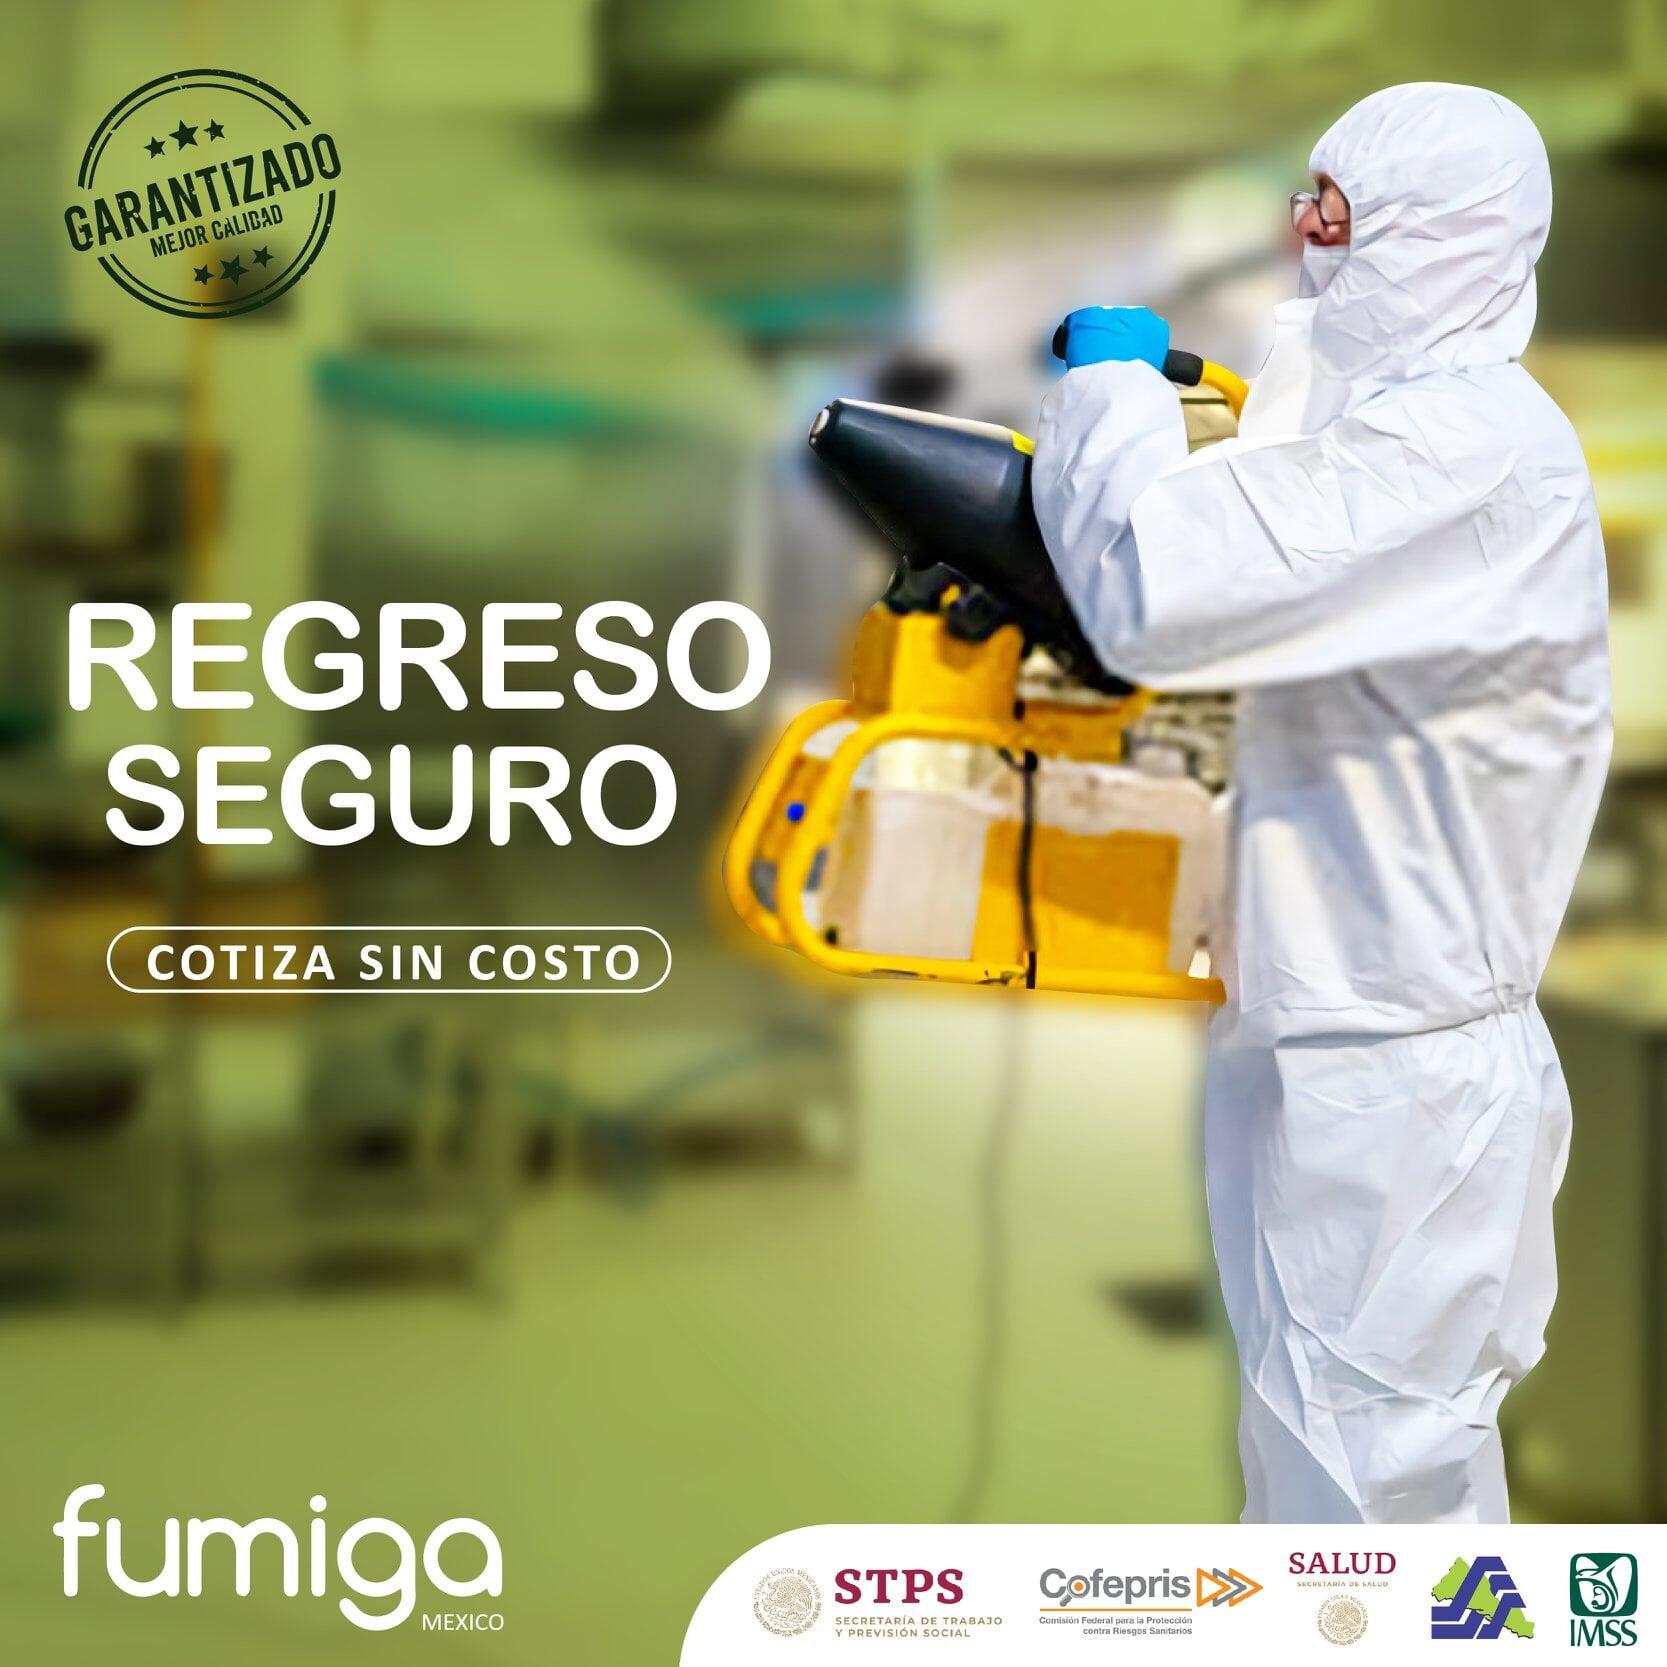 FUMIGA MÉXICO-REGRESO SEGURO